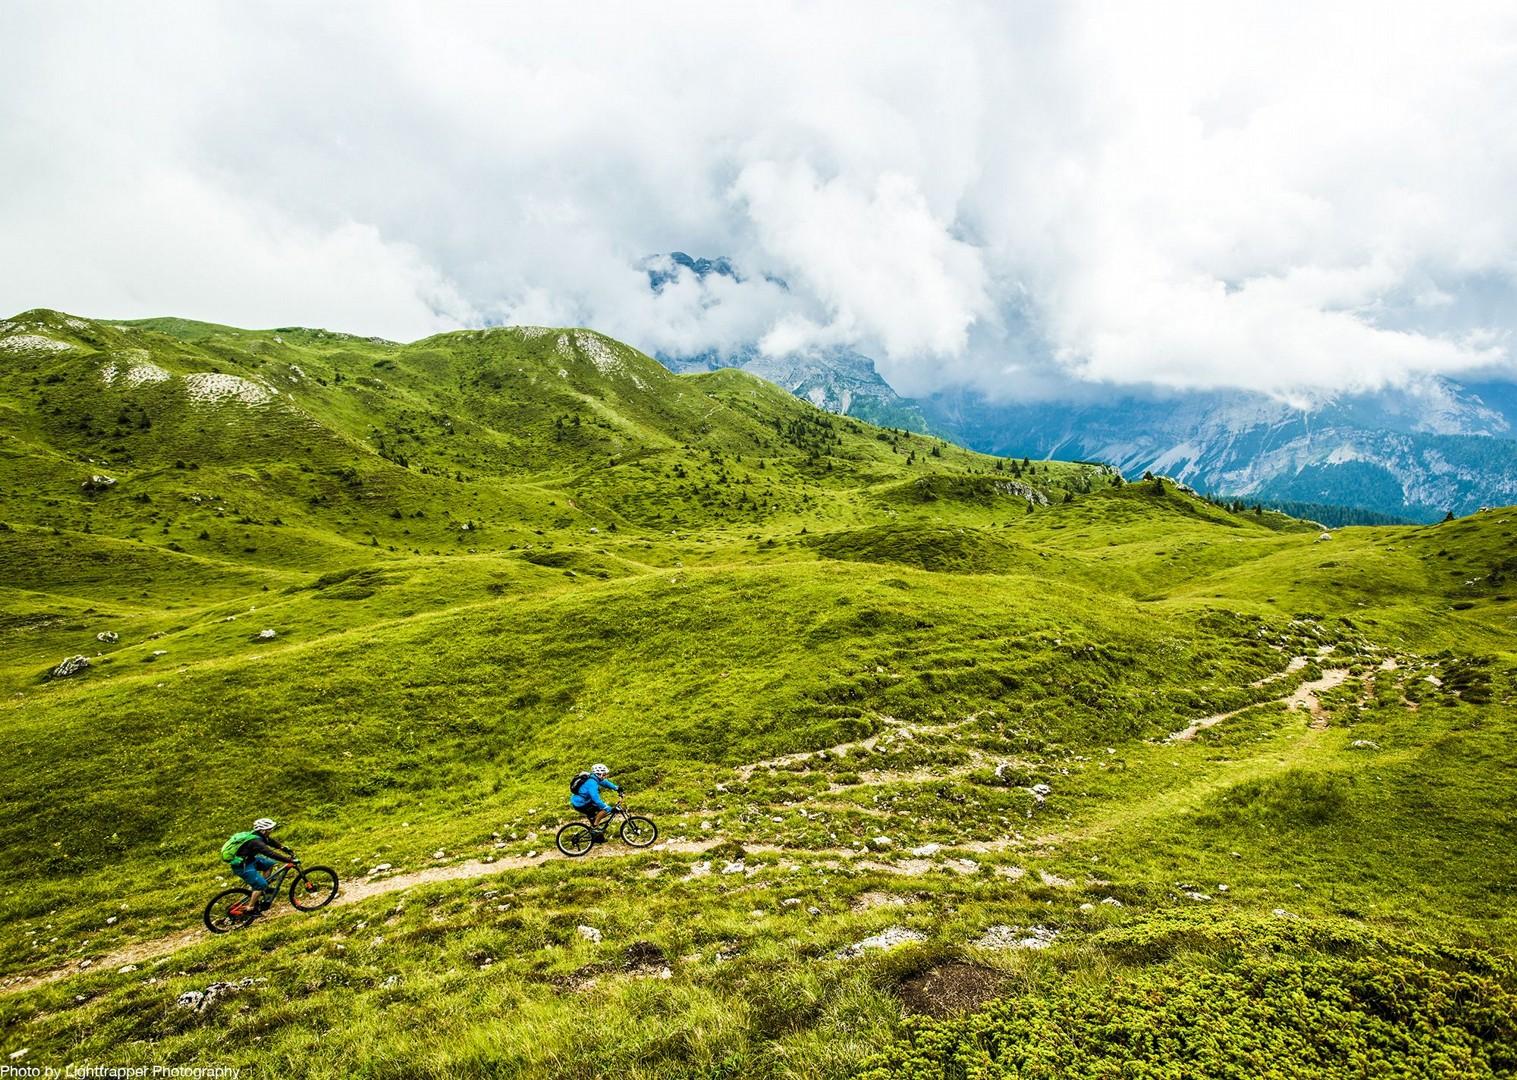 saddle_skedaddle_italy_2017_day6_brenta_dolomites_177-2.jpg - Italy - Dolomites of Brenta - Guided Mountain Bike Holiday - Italia Mountain Biking